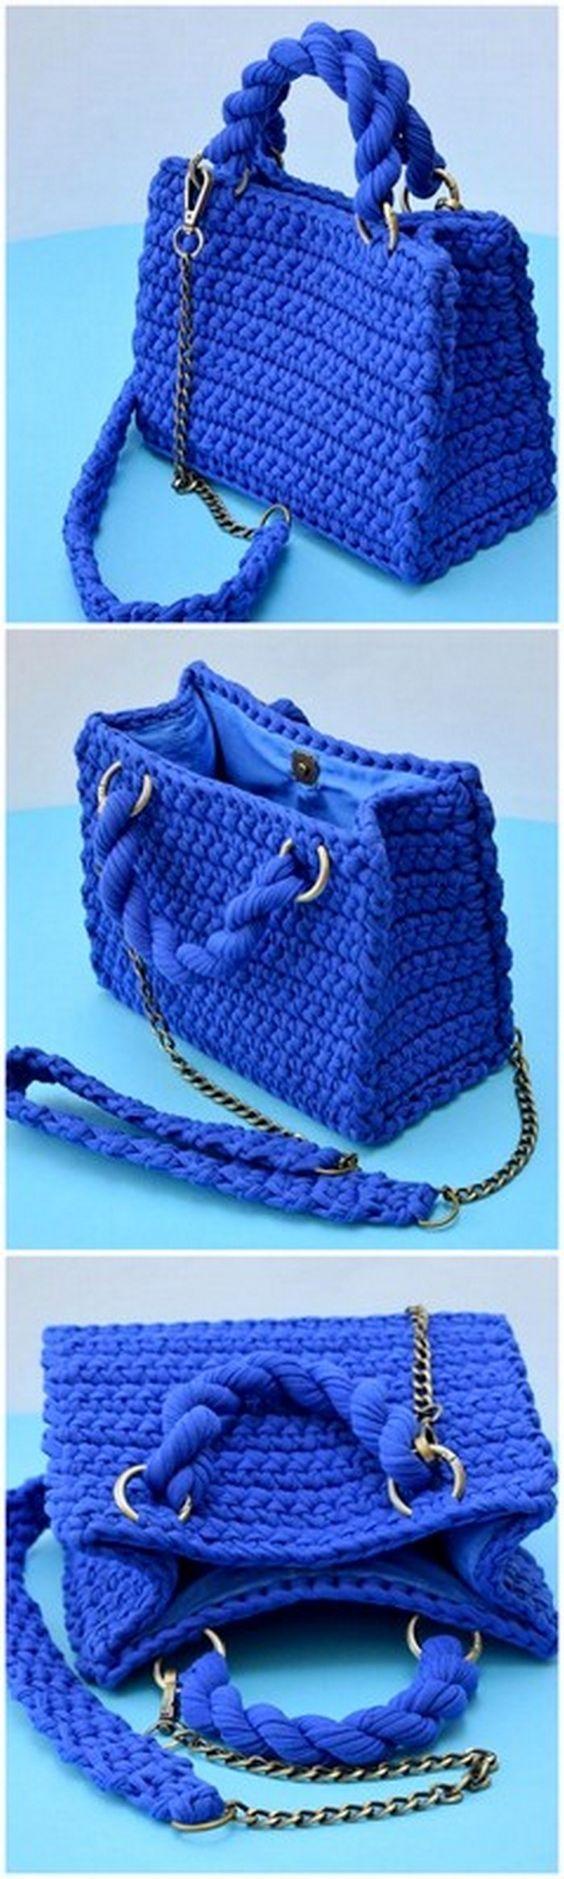 appealing crochet handbag idea